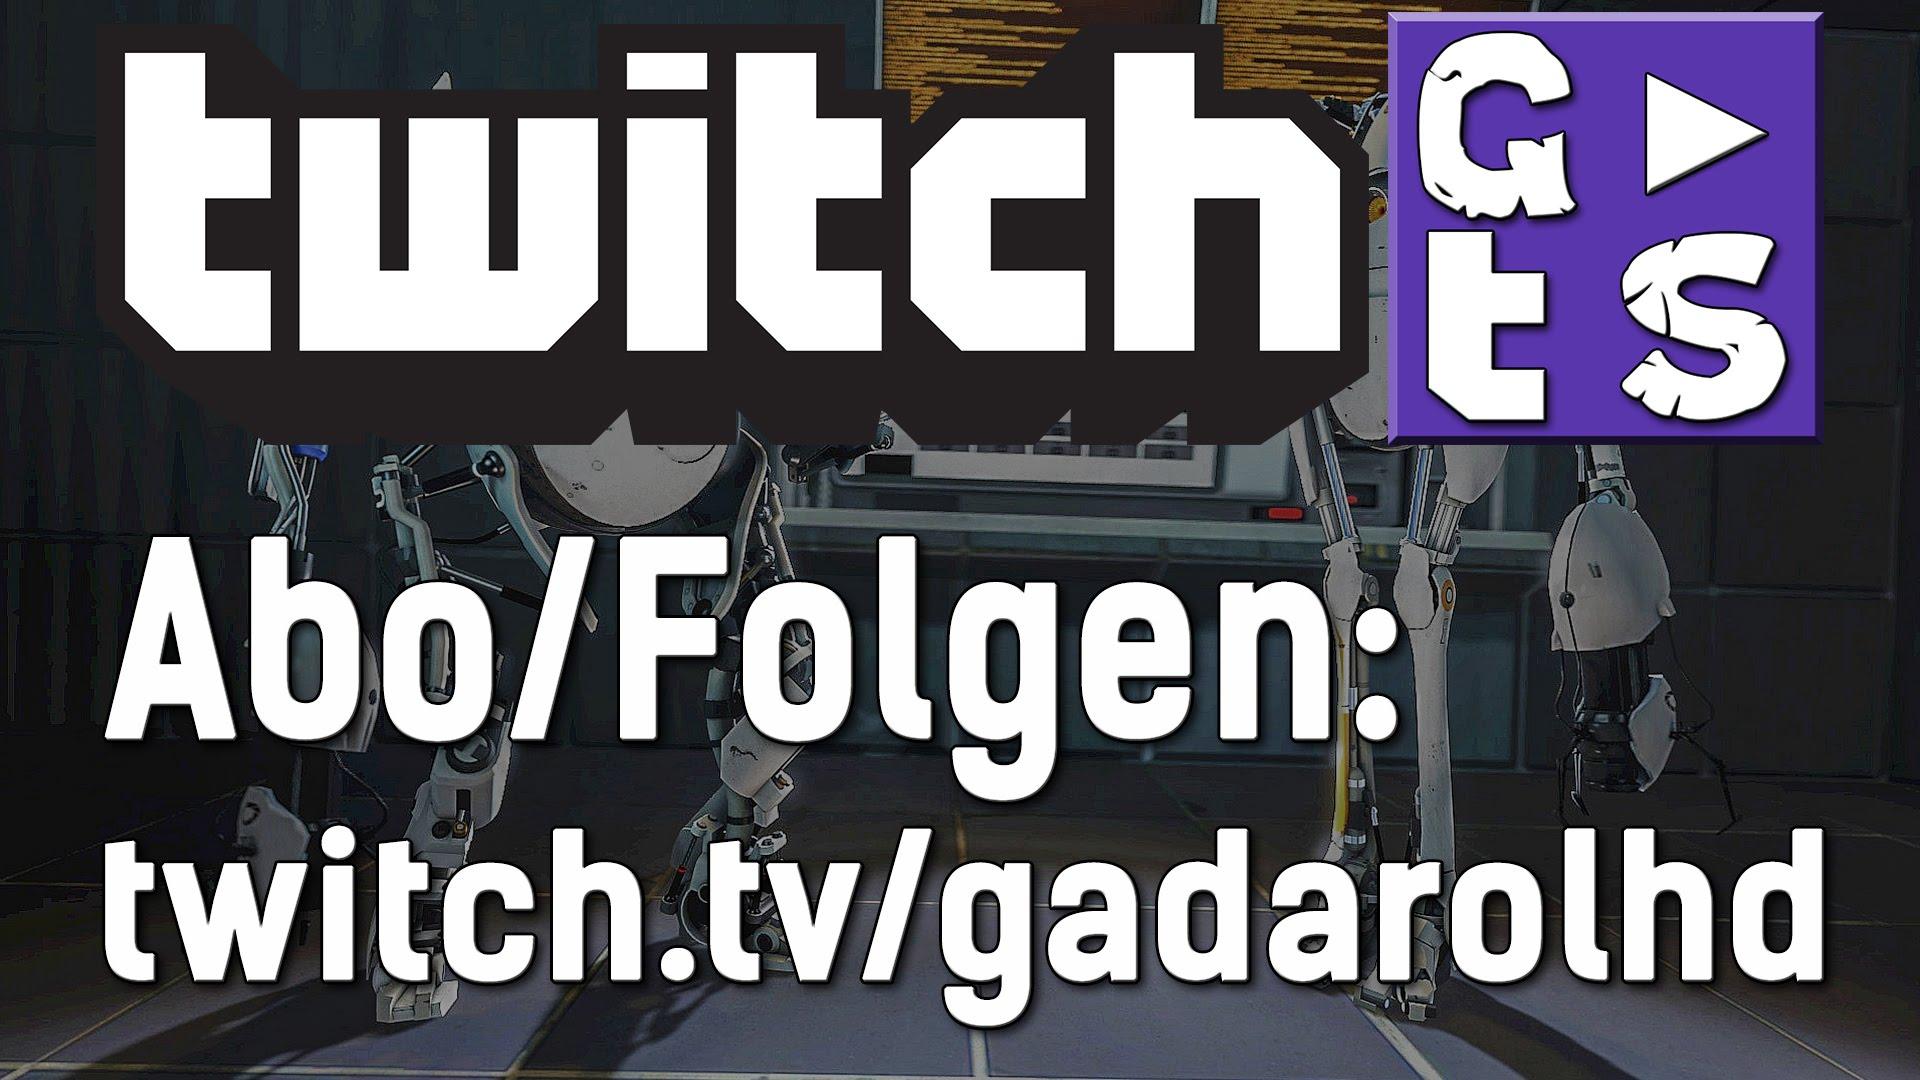 Gadarol LIVE! auf twitch.tv/GADAROLHD – Jetzt FOLGEN & nichts verpassen!